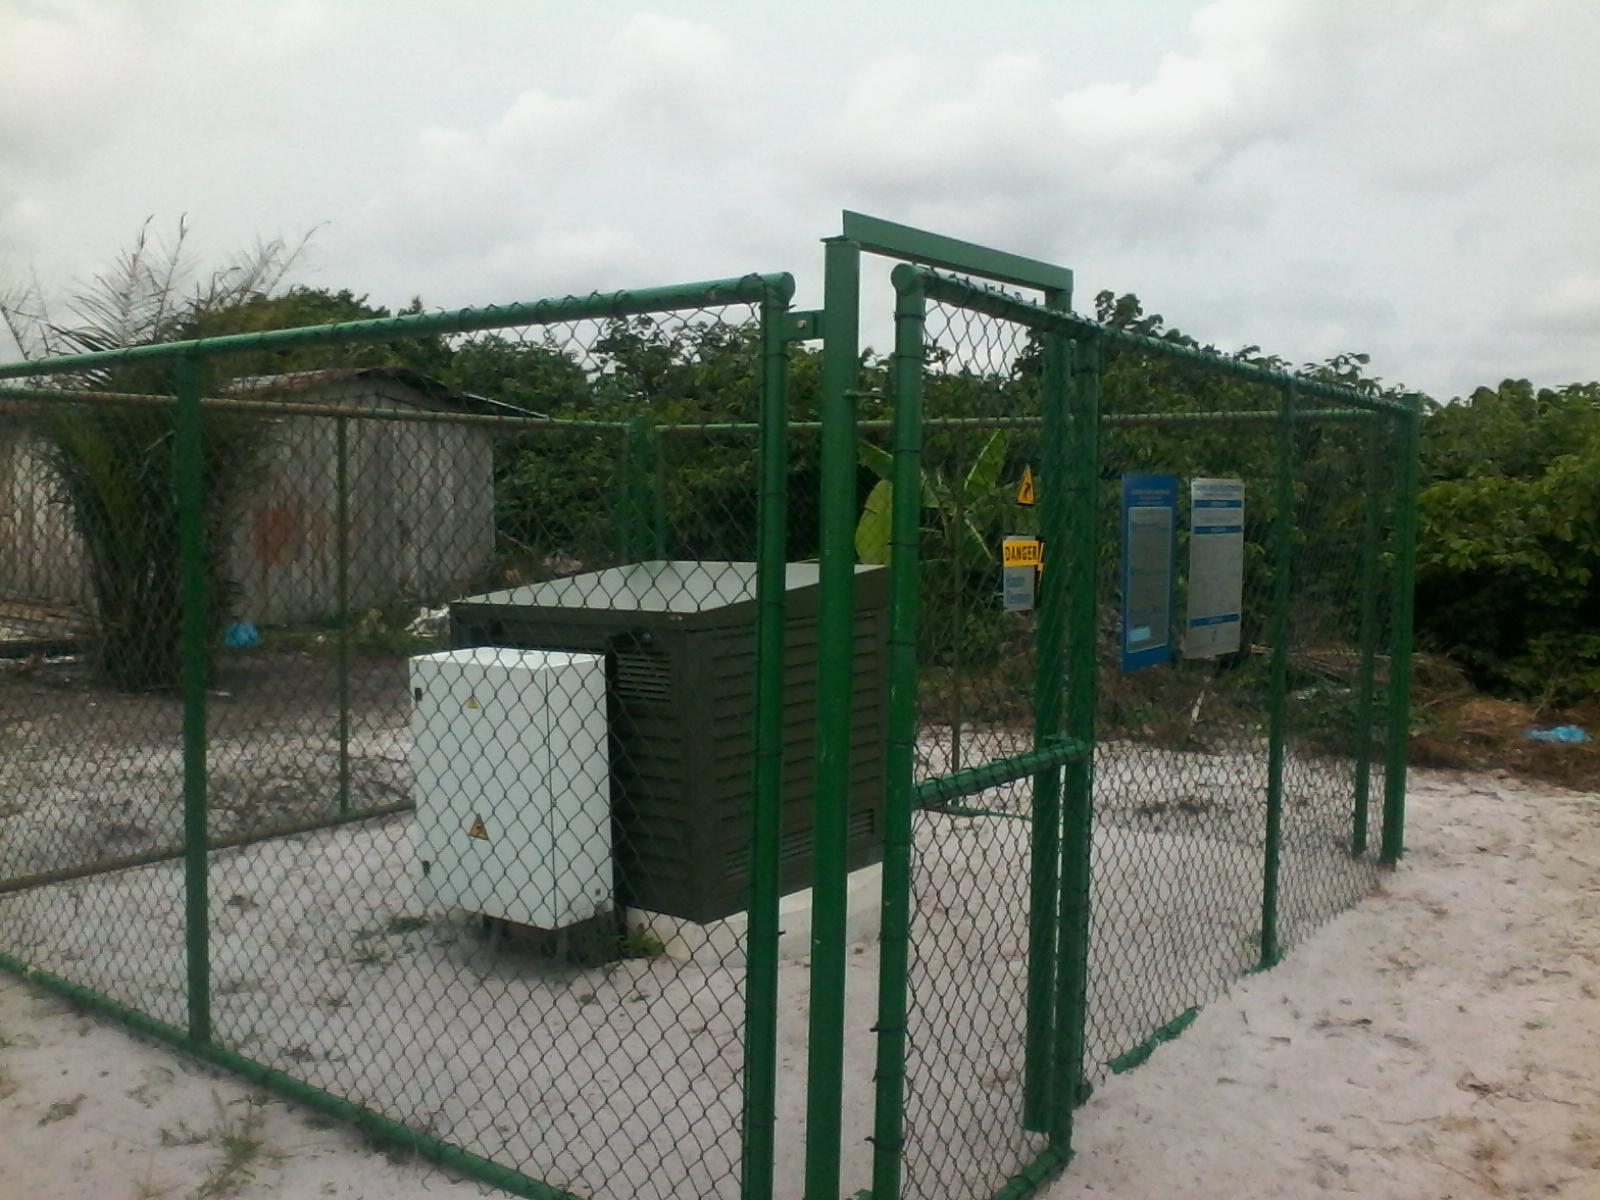 Vue d'un transformateur installé dans un village @ gabonactu.com / Vital Mbourou